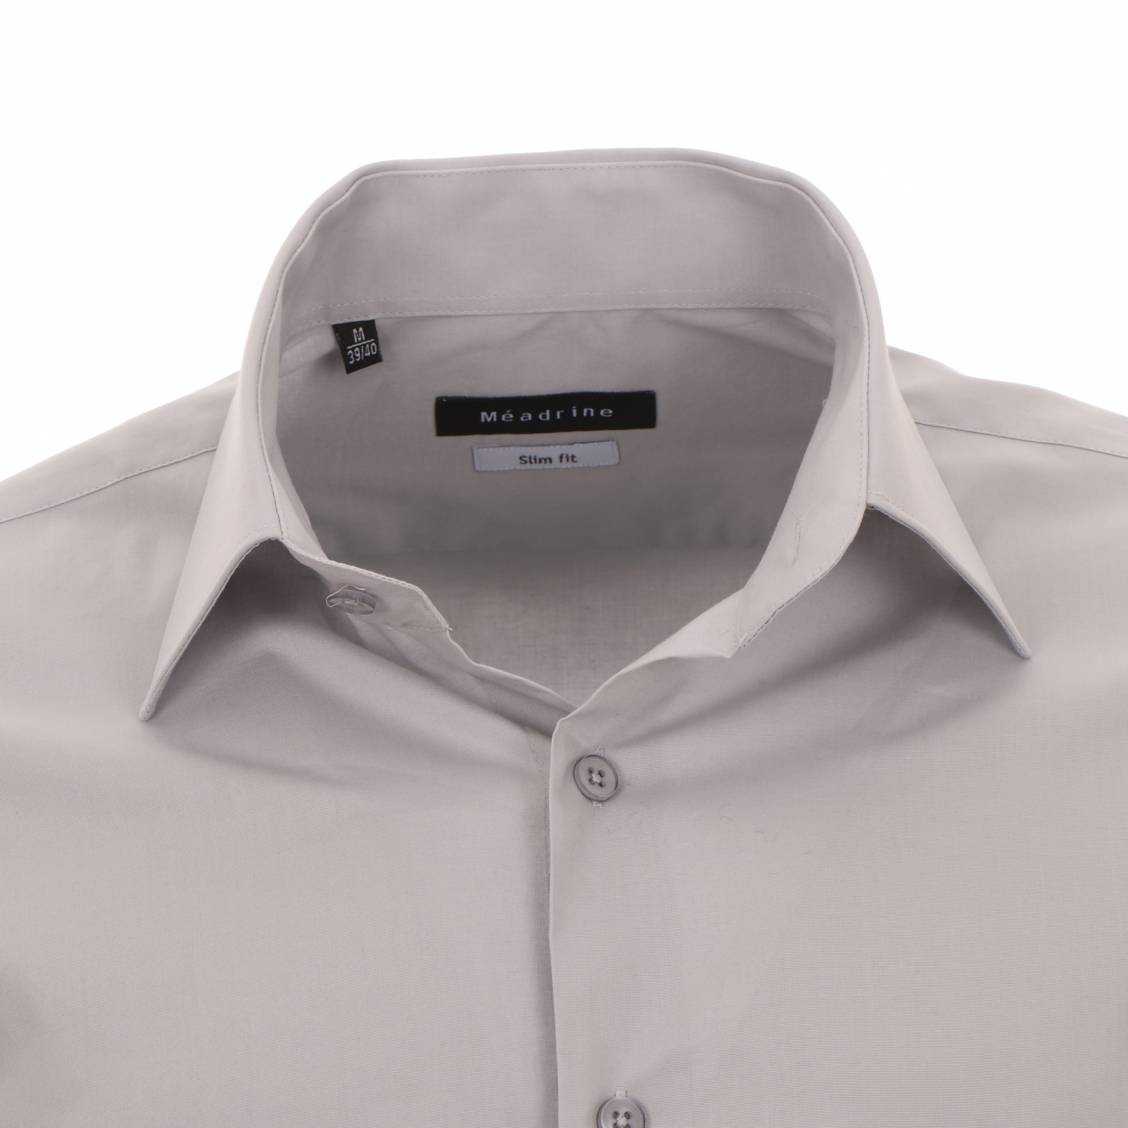 chemise cintrée méadrine grise en coton